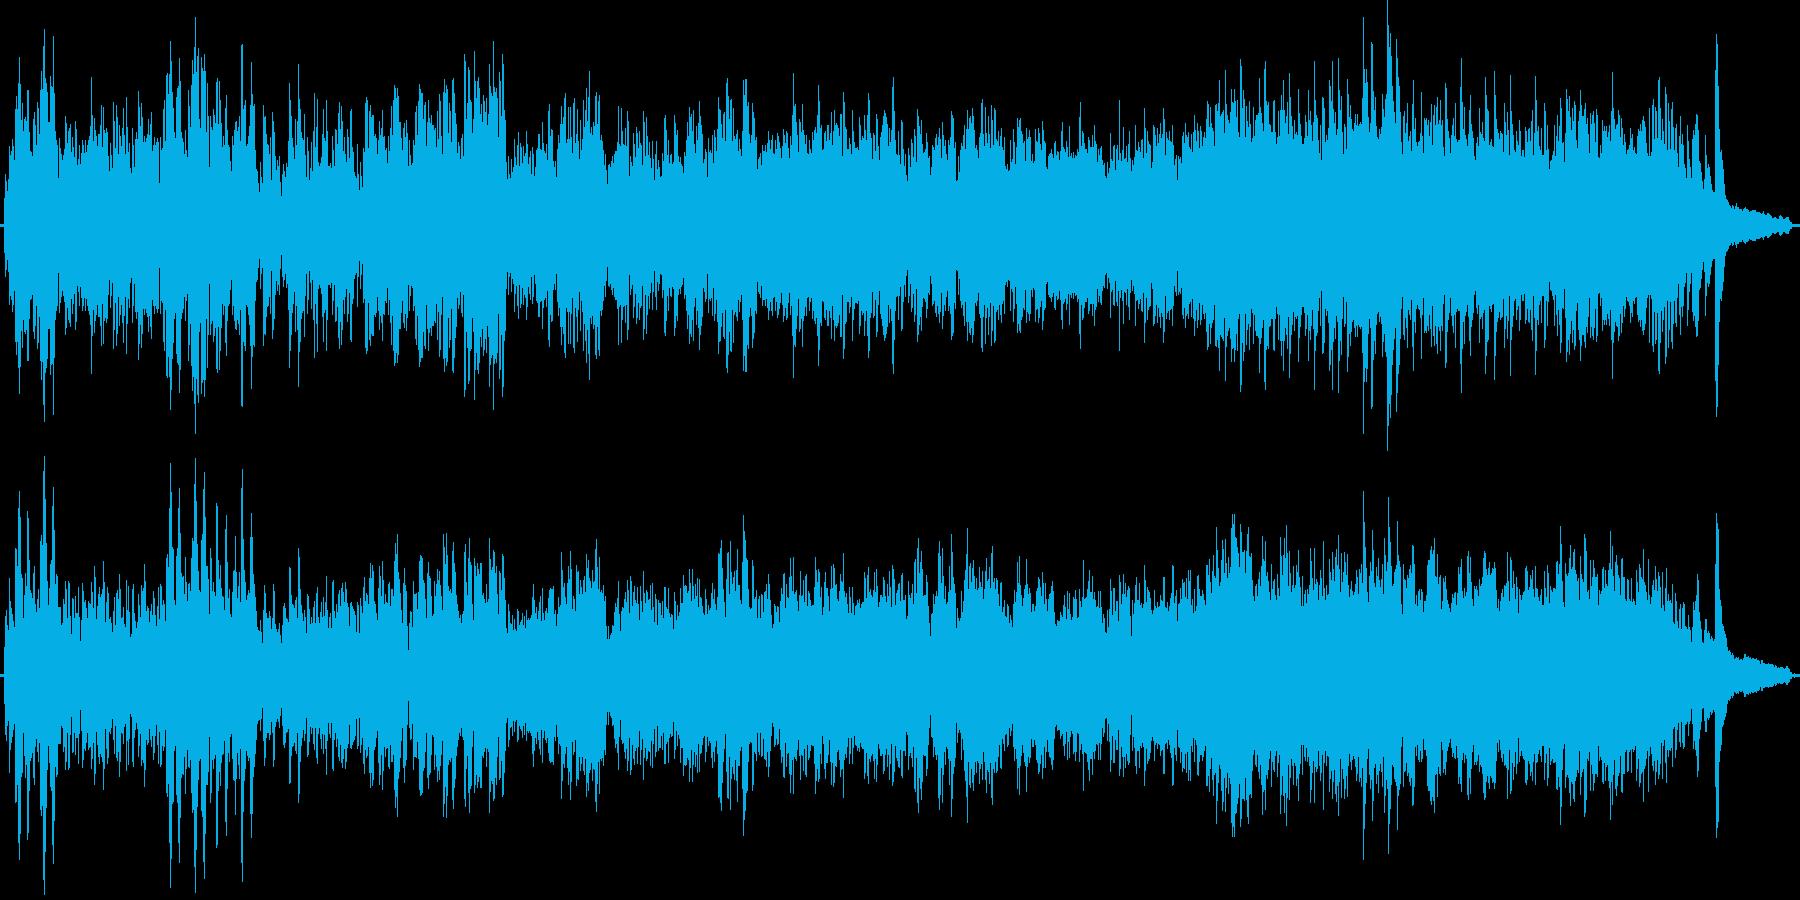 グノーのアベマリアの原曲をピアノ演奏での再生済みの波形